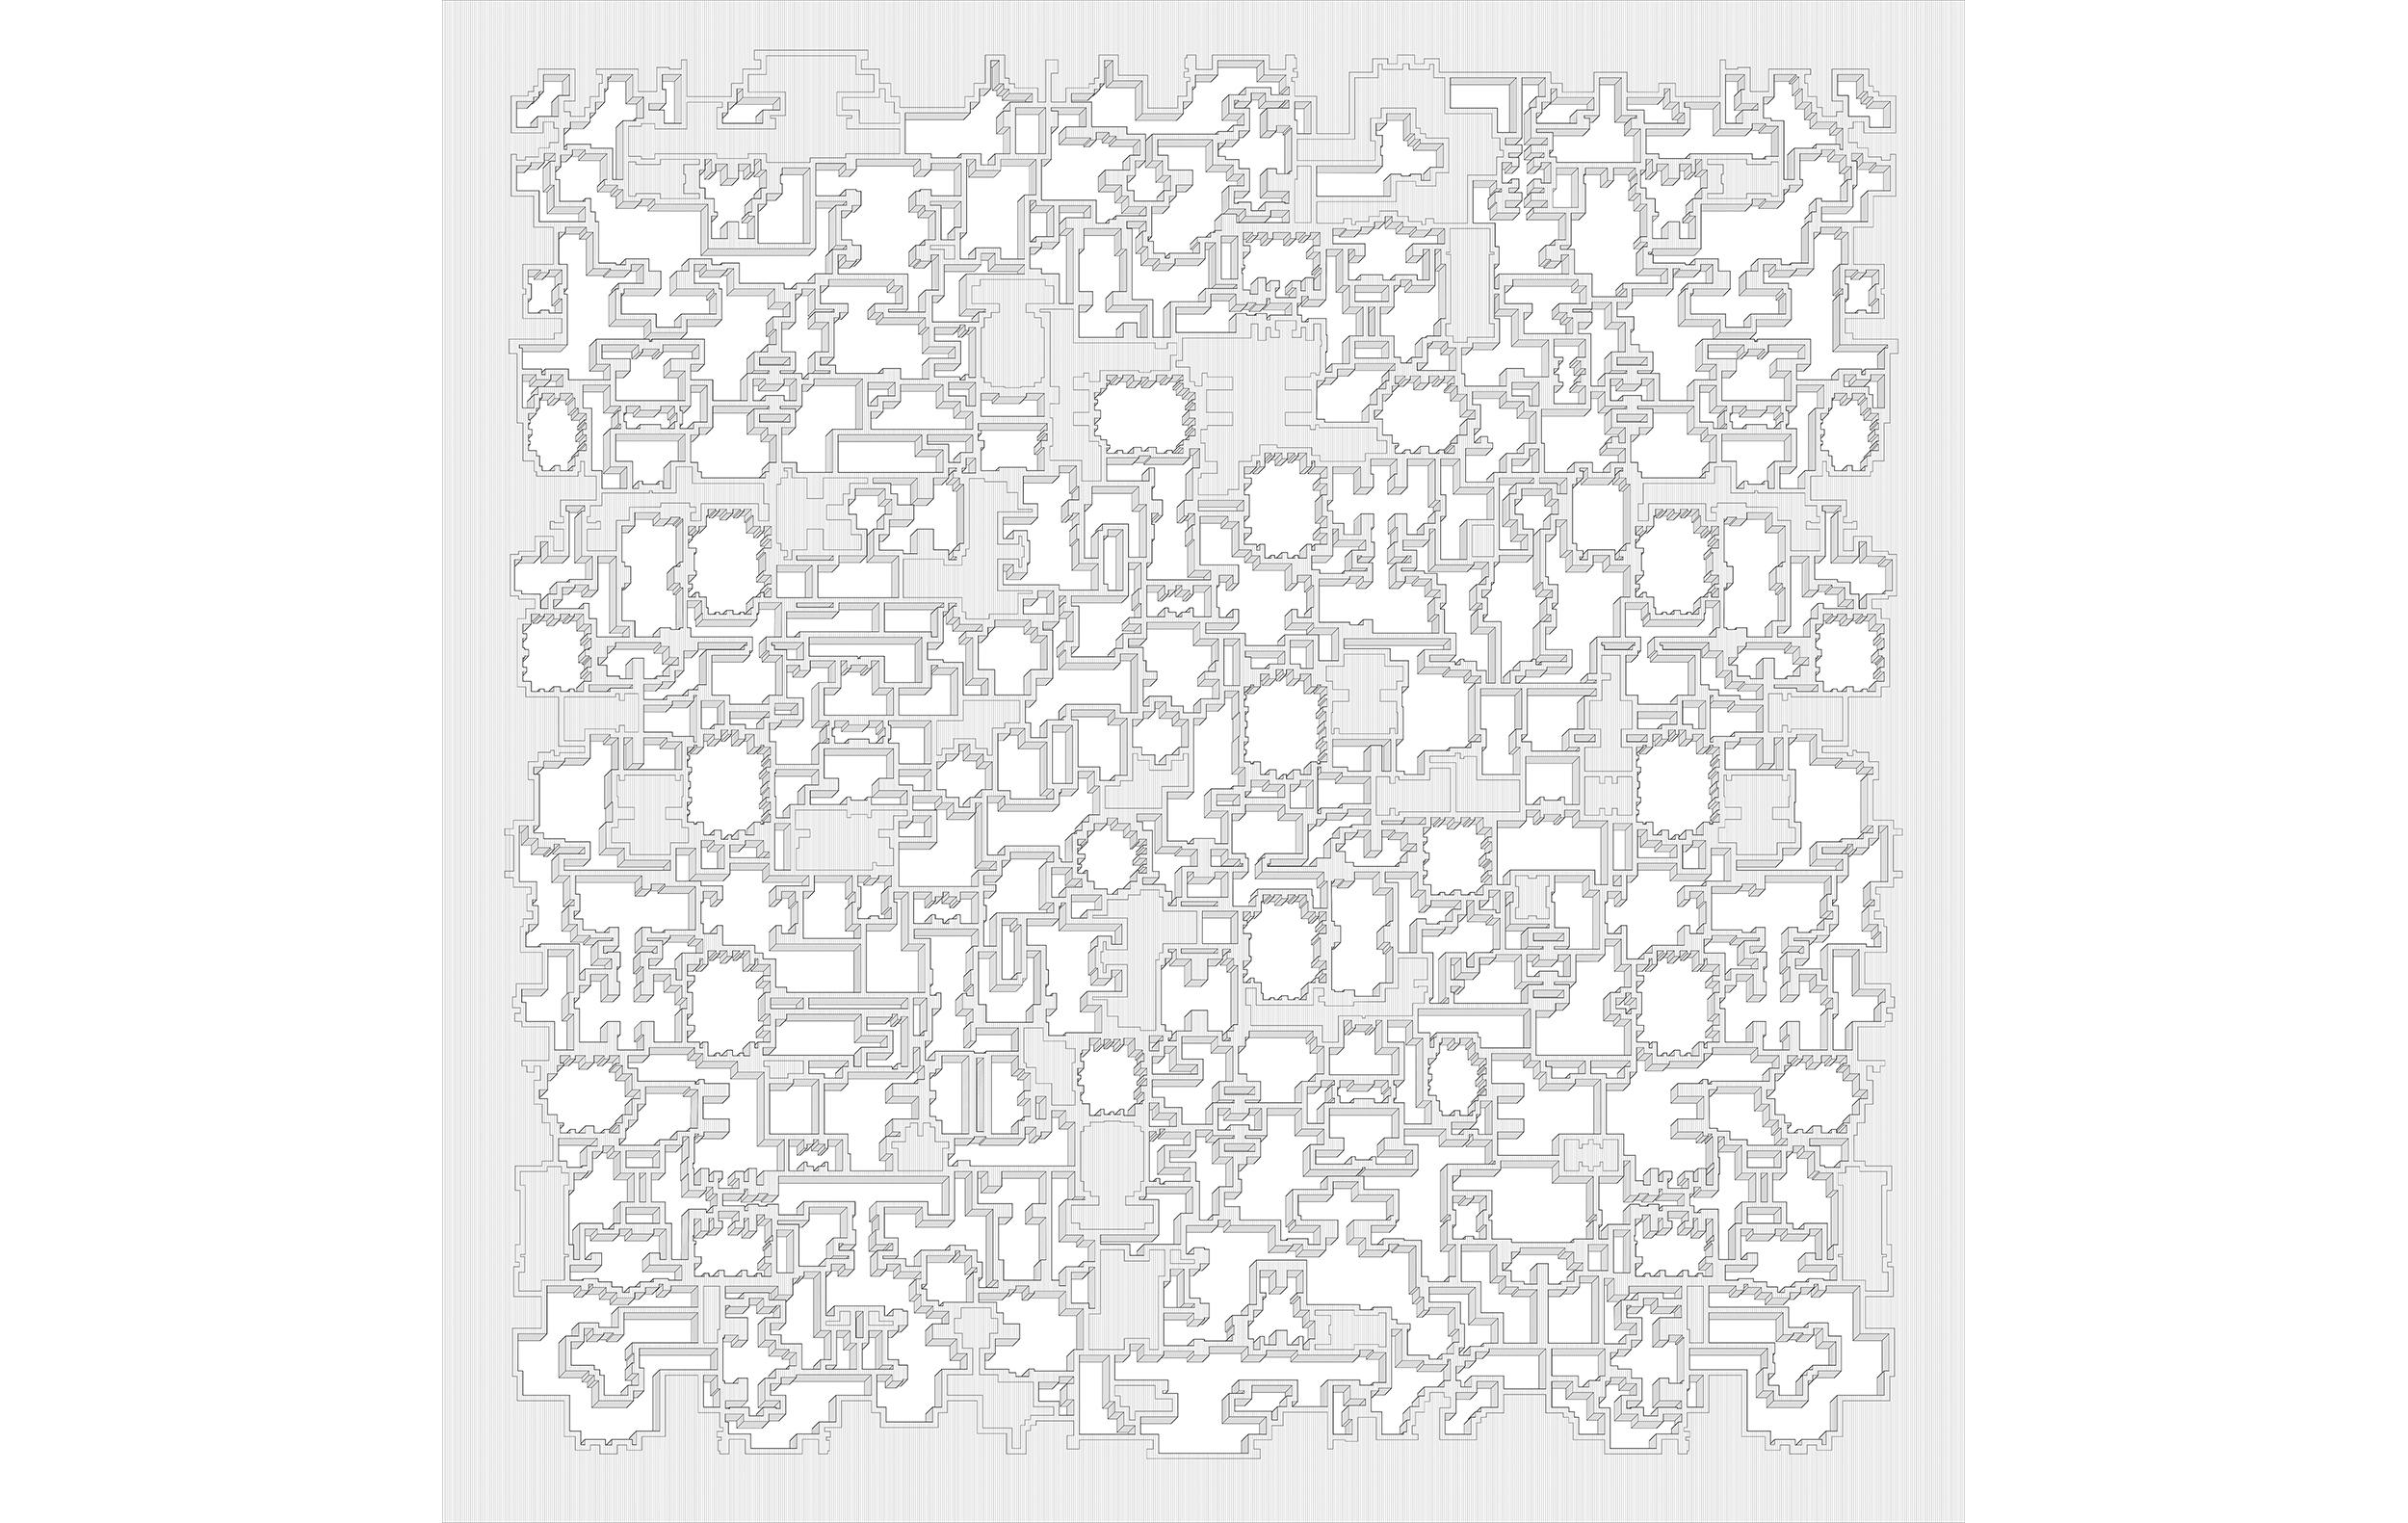 Young Ayata - LIMAMALIAMILILAM - drawing 3 web.jpg